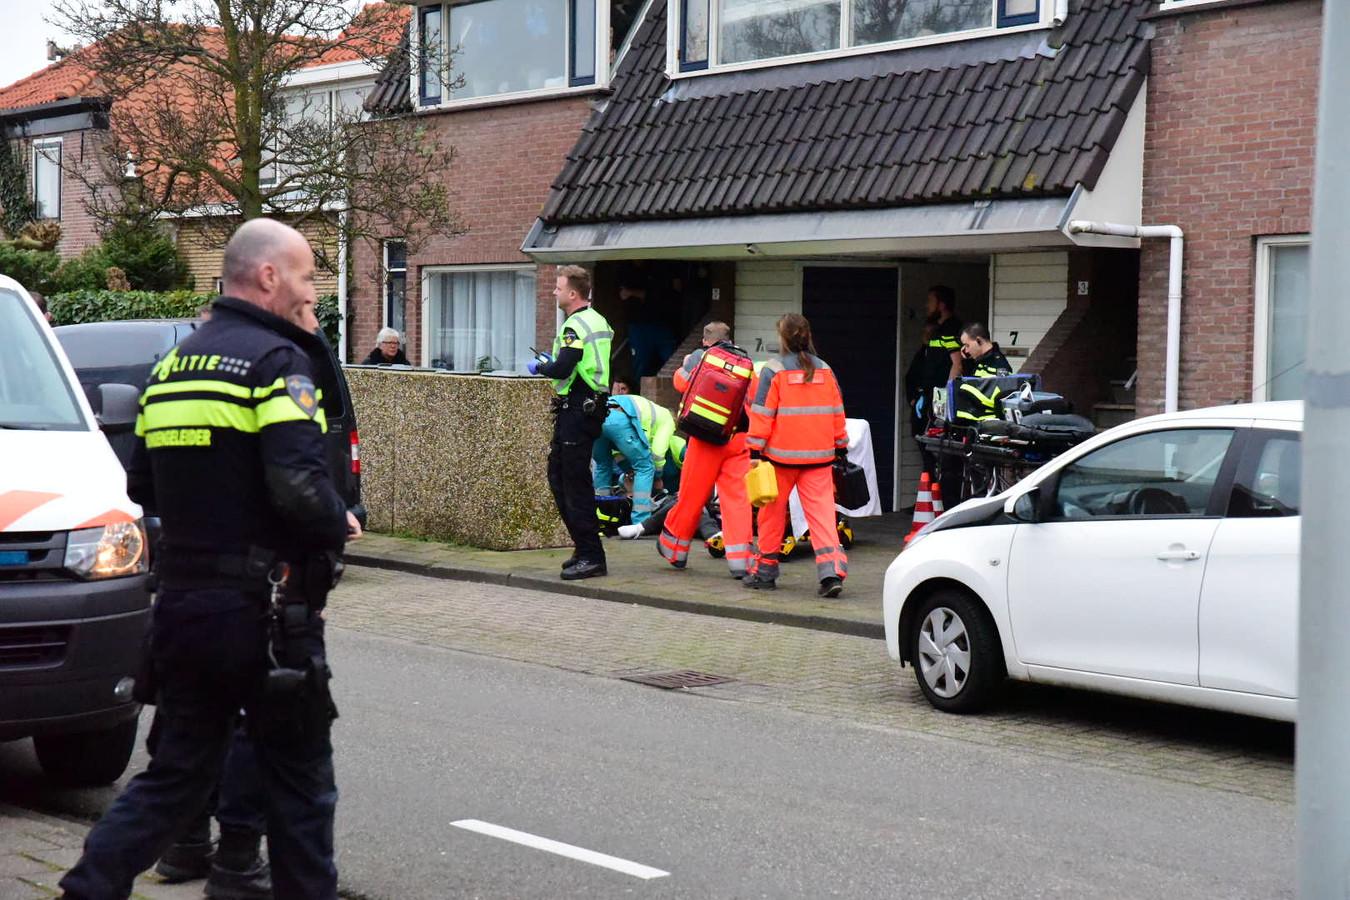 Politie en ambulancemedewerkers in de Sand Ambachtstraat in 's-Gravenzande, waar een man werd neergestoken.